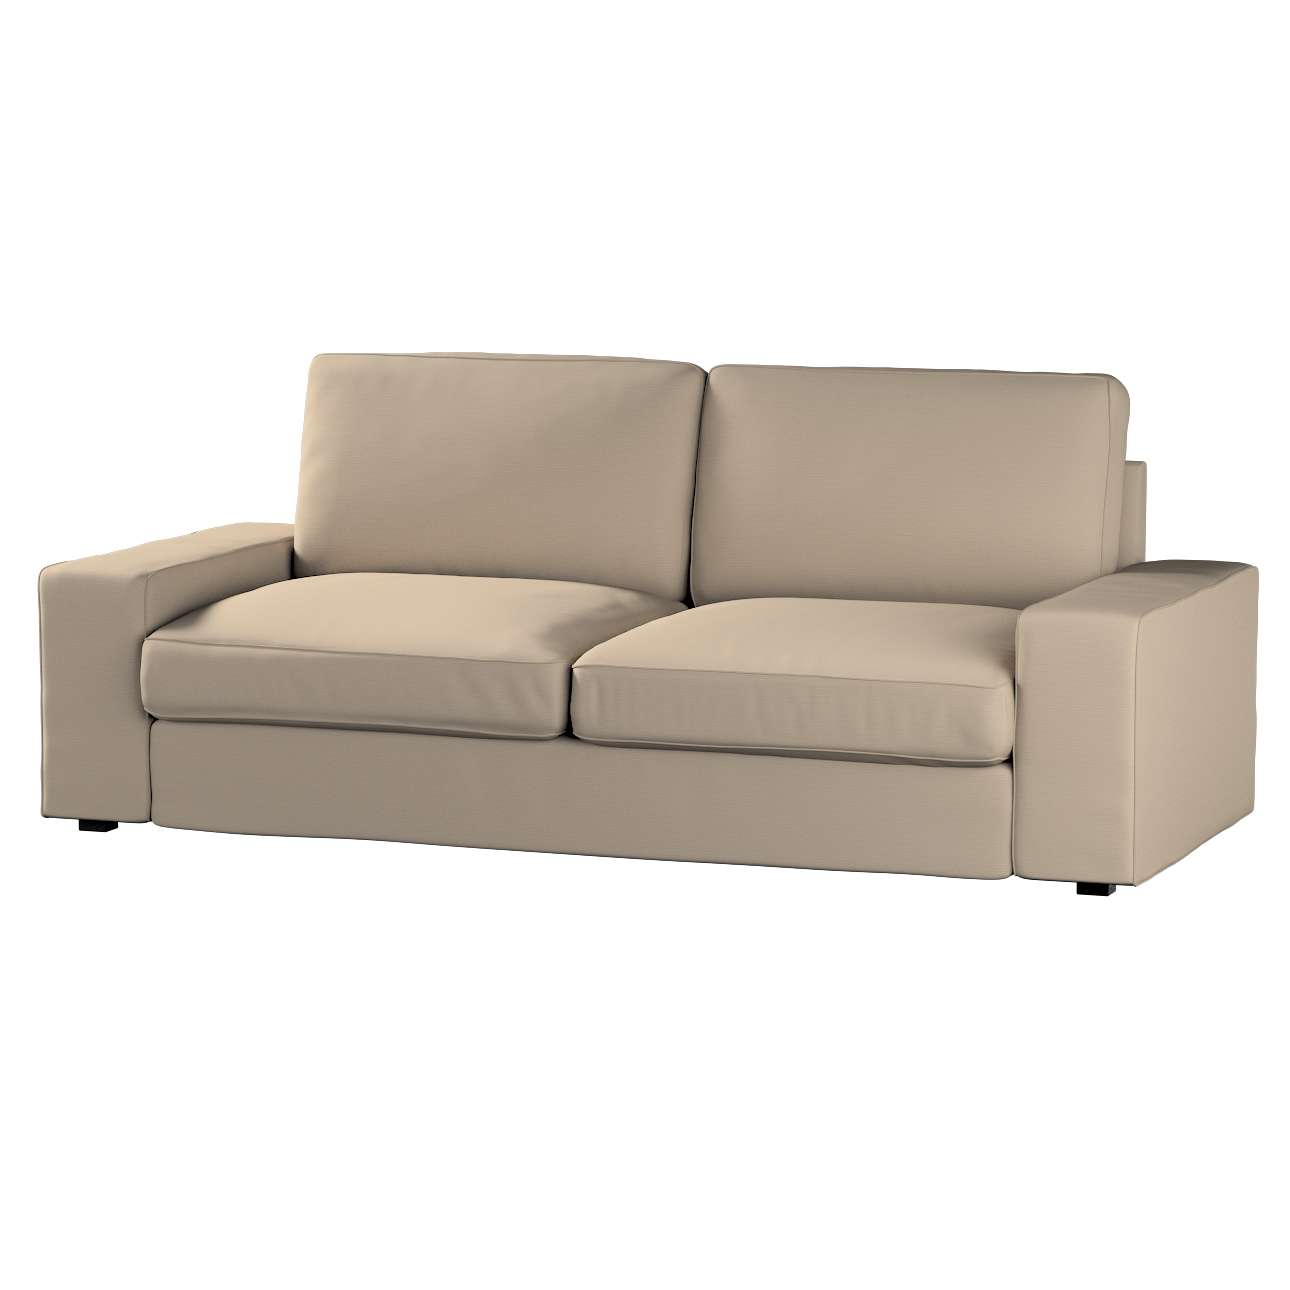 KIVIK trivietės sofos užvalkalas Kivik 3-seat sofa kolekcijoje Cotton Panama, audinys: 702-28